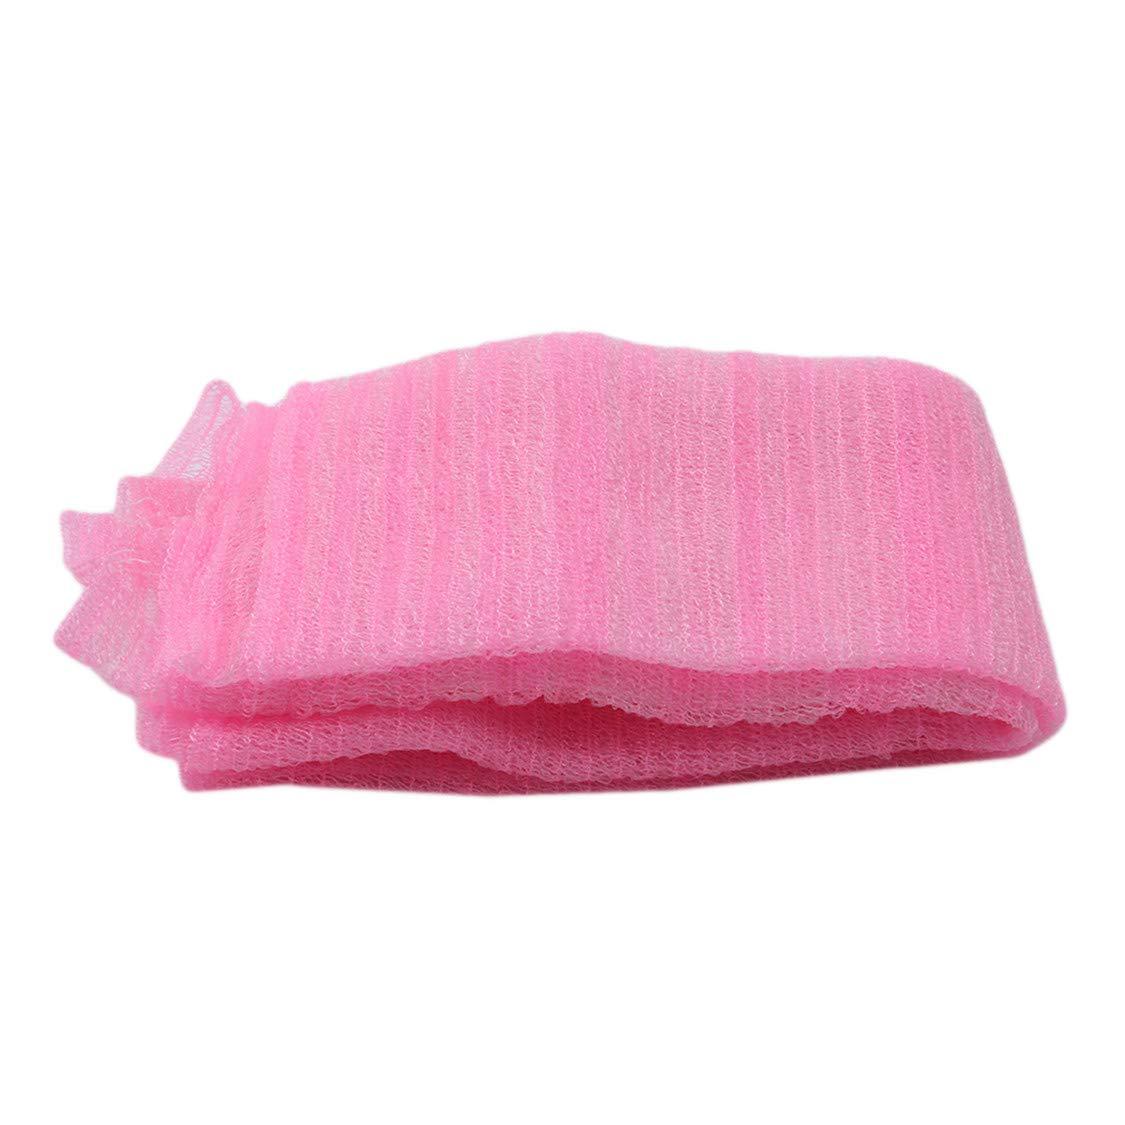 Idiytip Easy Care Skin Wash Cloth Beauty Towel/Scrub/Nylon Wash Cloth/Bath Body Shower (Blue) QingYing